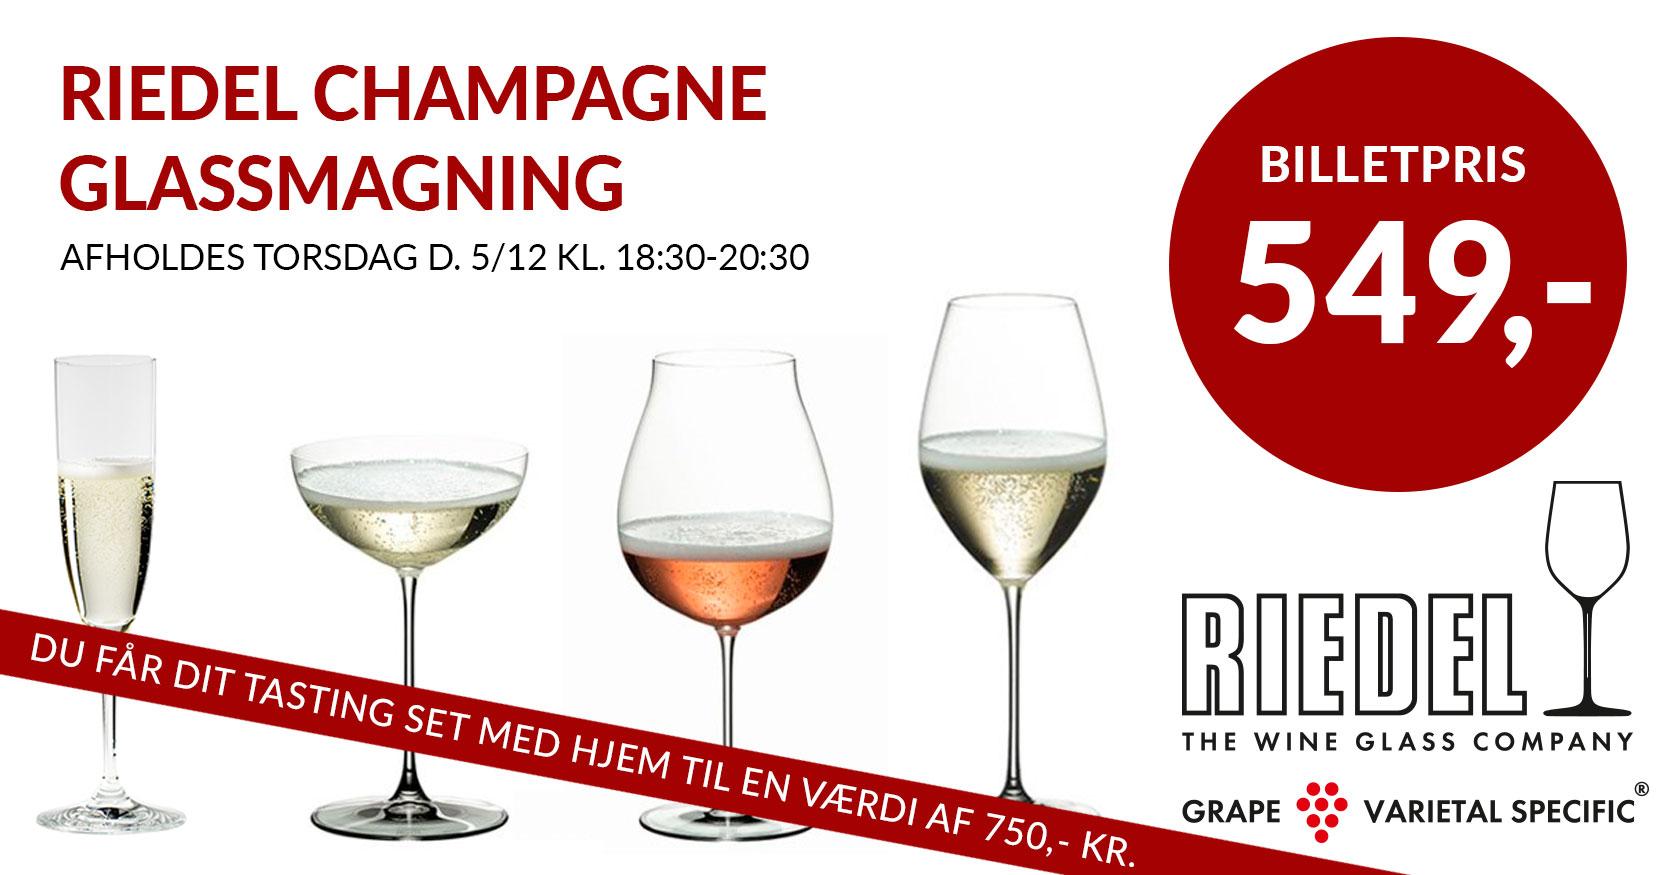 Din Vinbar i Jægergårdsgade: Champagnesmagning i Riedel Champagneglas